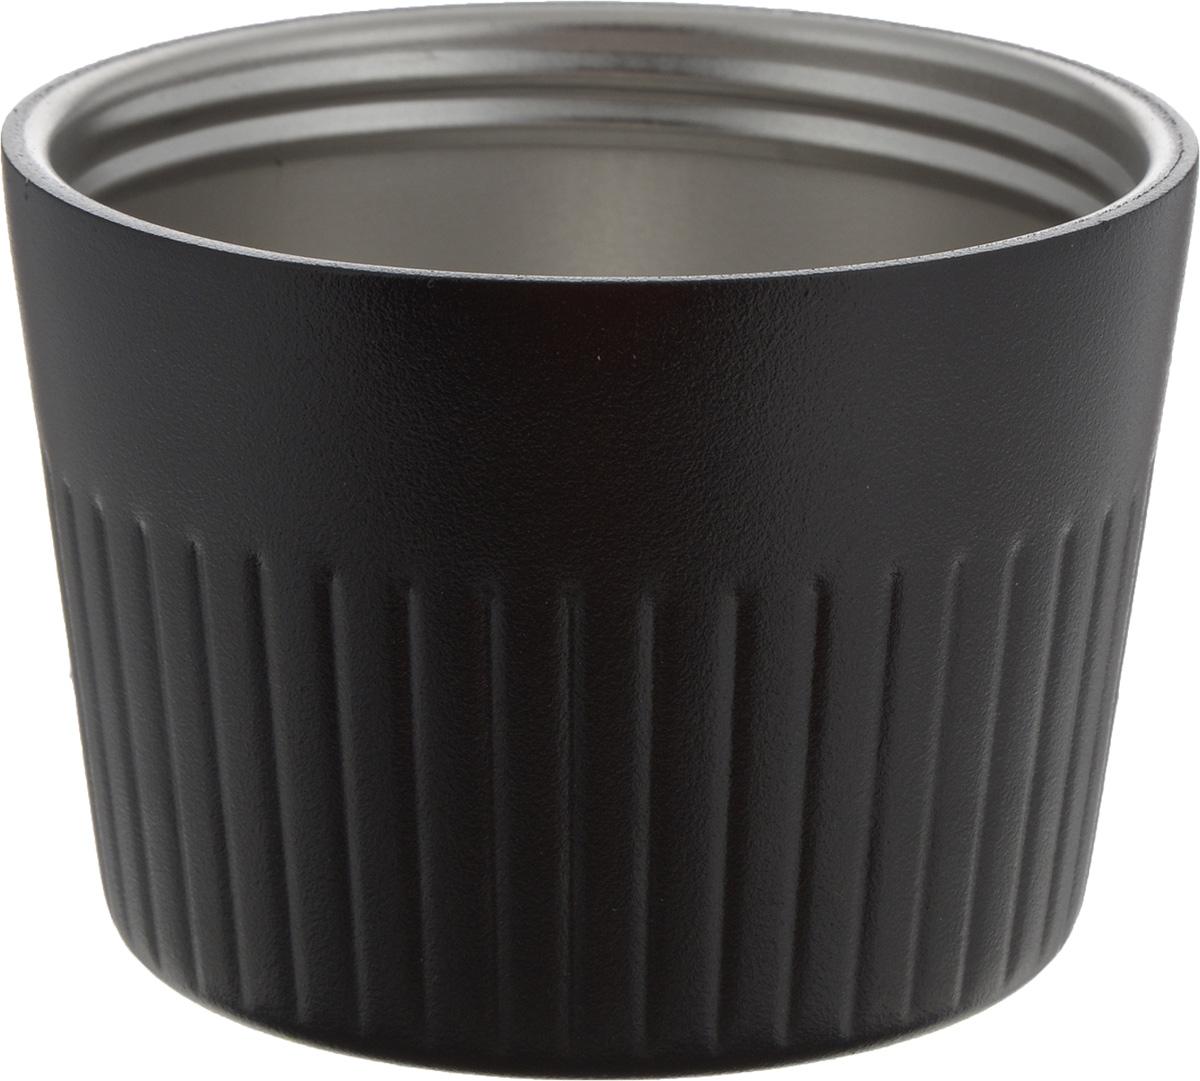 Термокружка Primus Trailbreak Cup, цвет: черный, 250 млW20268Крышка-чашка Primus Trailbreak Cup изготовлена из пластика и стали. Такая кружка станет незаменима в походах и на пикнике. Ее можно использовать как крышку для термоса. Пластиковое покрытие убережет ваши руки от ожогов, если в кружку налит горячий чай.Объем кружки: 250 мл.Размеры: 8,5 х 8,5 х 6 см.